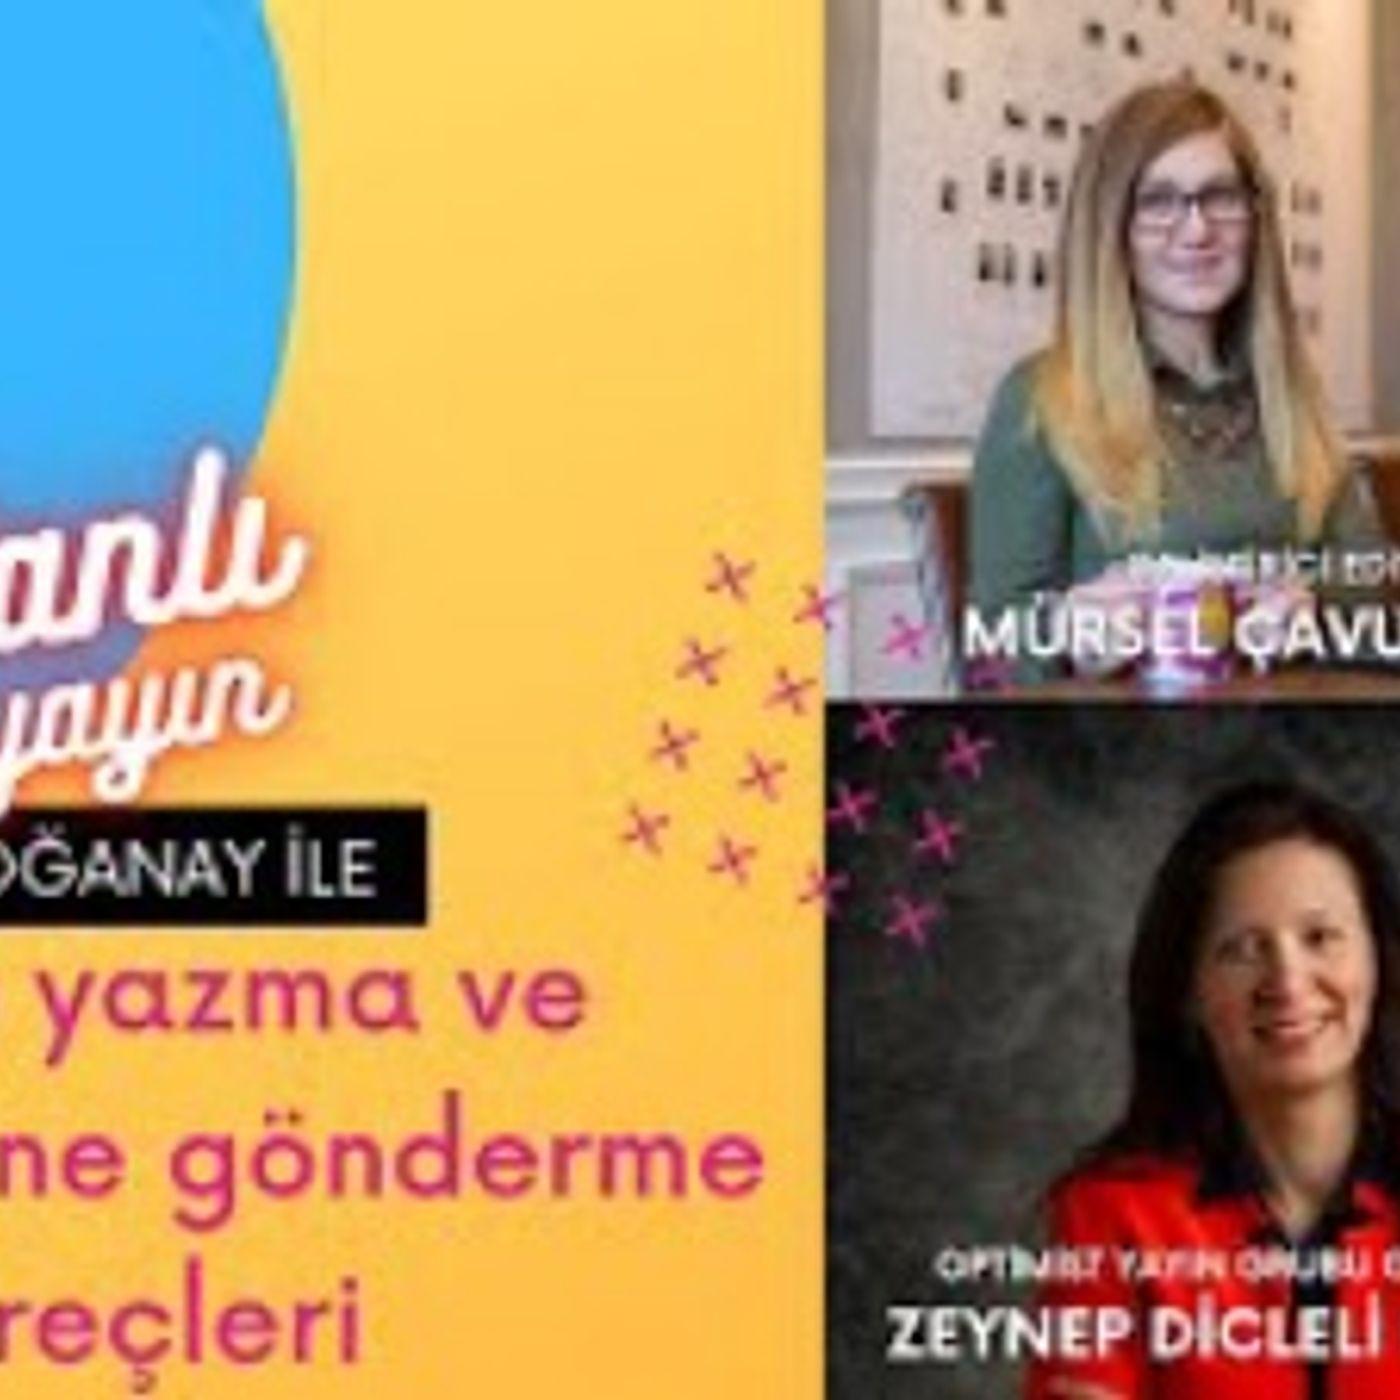 Zeynep Dicleli Erdoğan ve Mürsel Çavuş İle Kitaplar, Yazarlık ve Editörlük Üzerine Konuştuk.